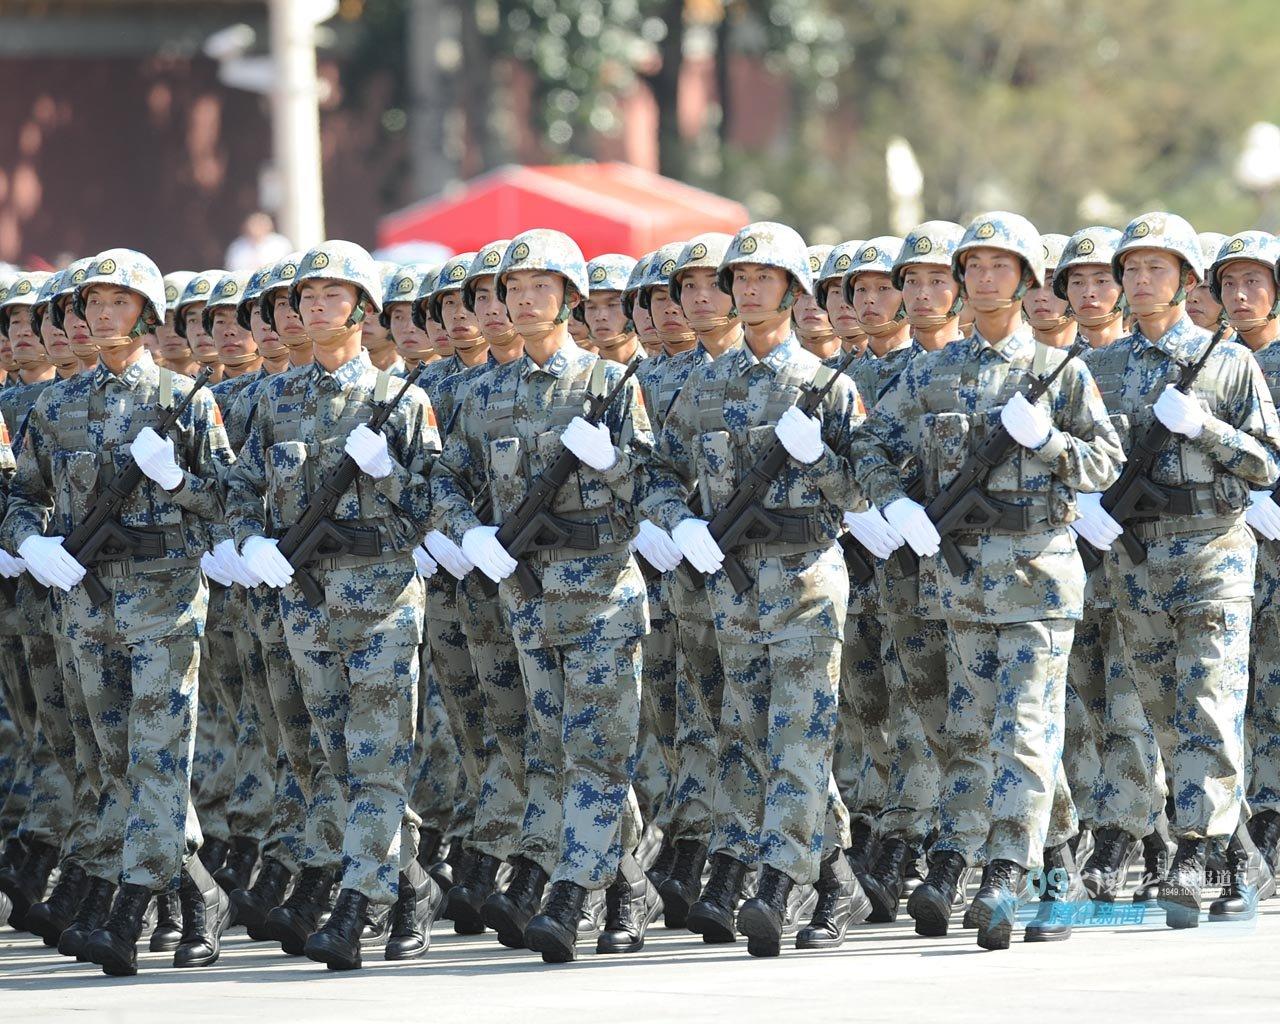 2009中国国庆大阅兵_媒体称中国今年将举行大阅兵揭秘背后政治考